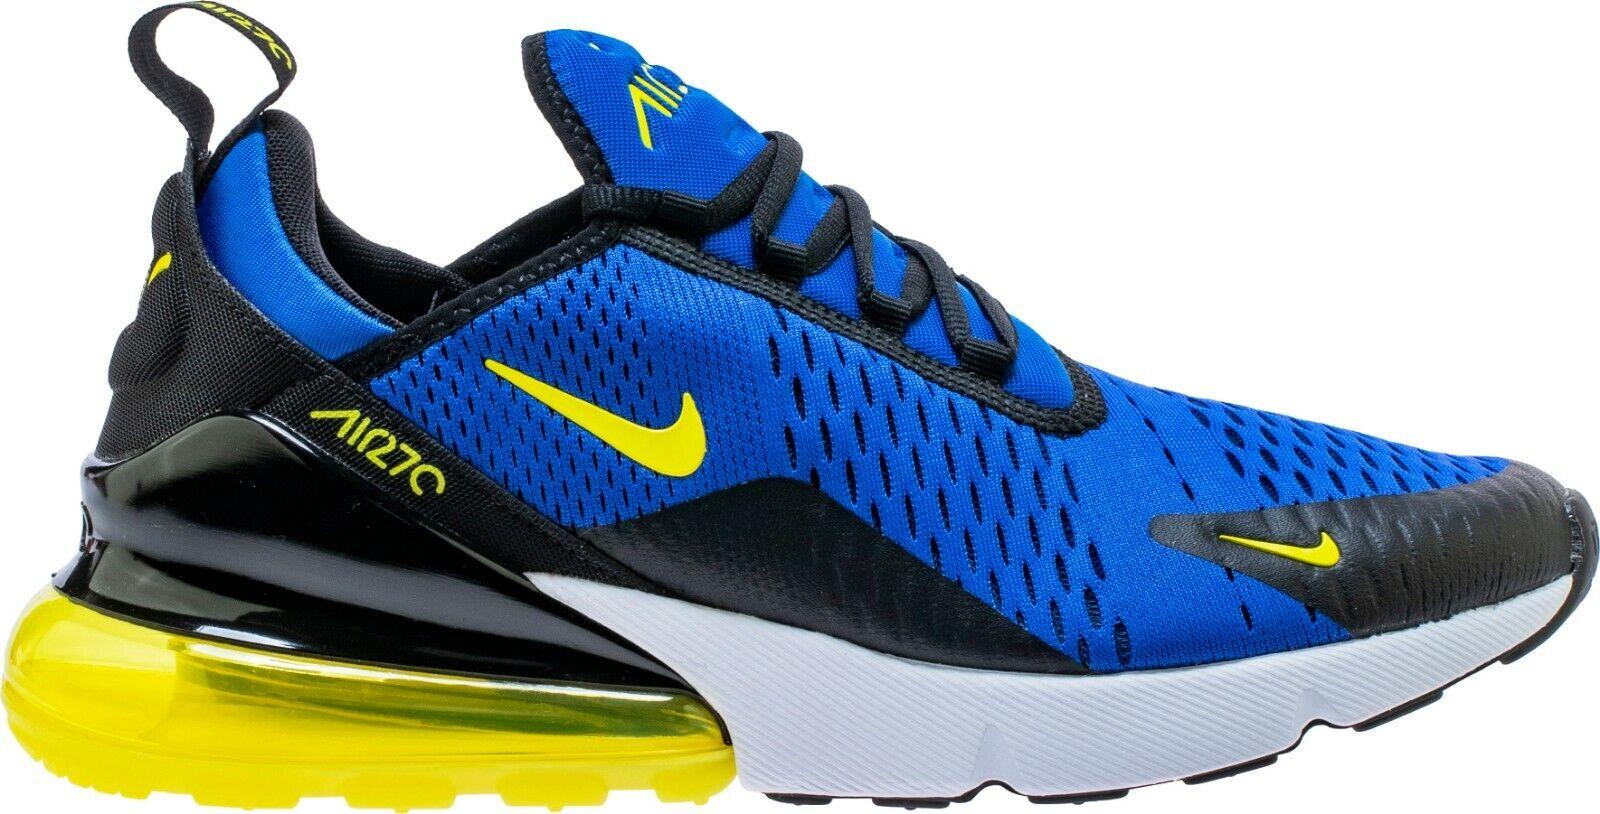 346fe68856 Air Max 270 Game Royal Dynamic Yellow (BV2517 400) Nike ntifcr7002-Athletic  Shoes